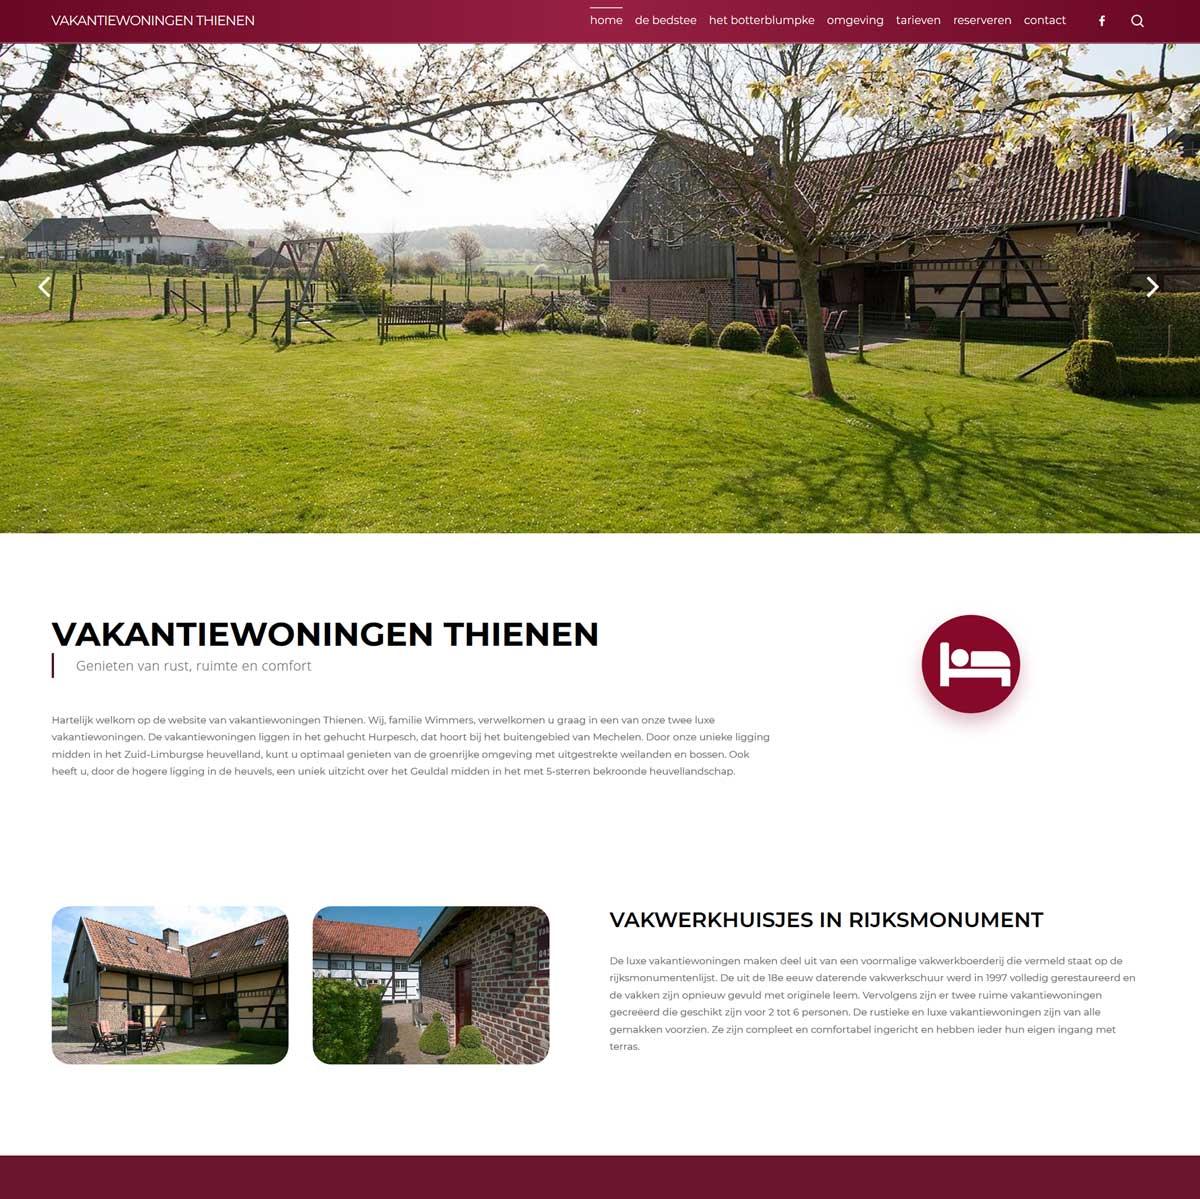 Vakantiewoningen Thienen